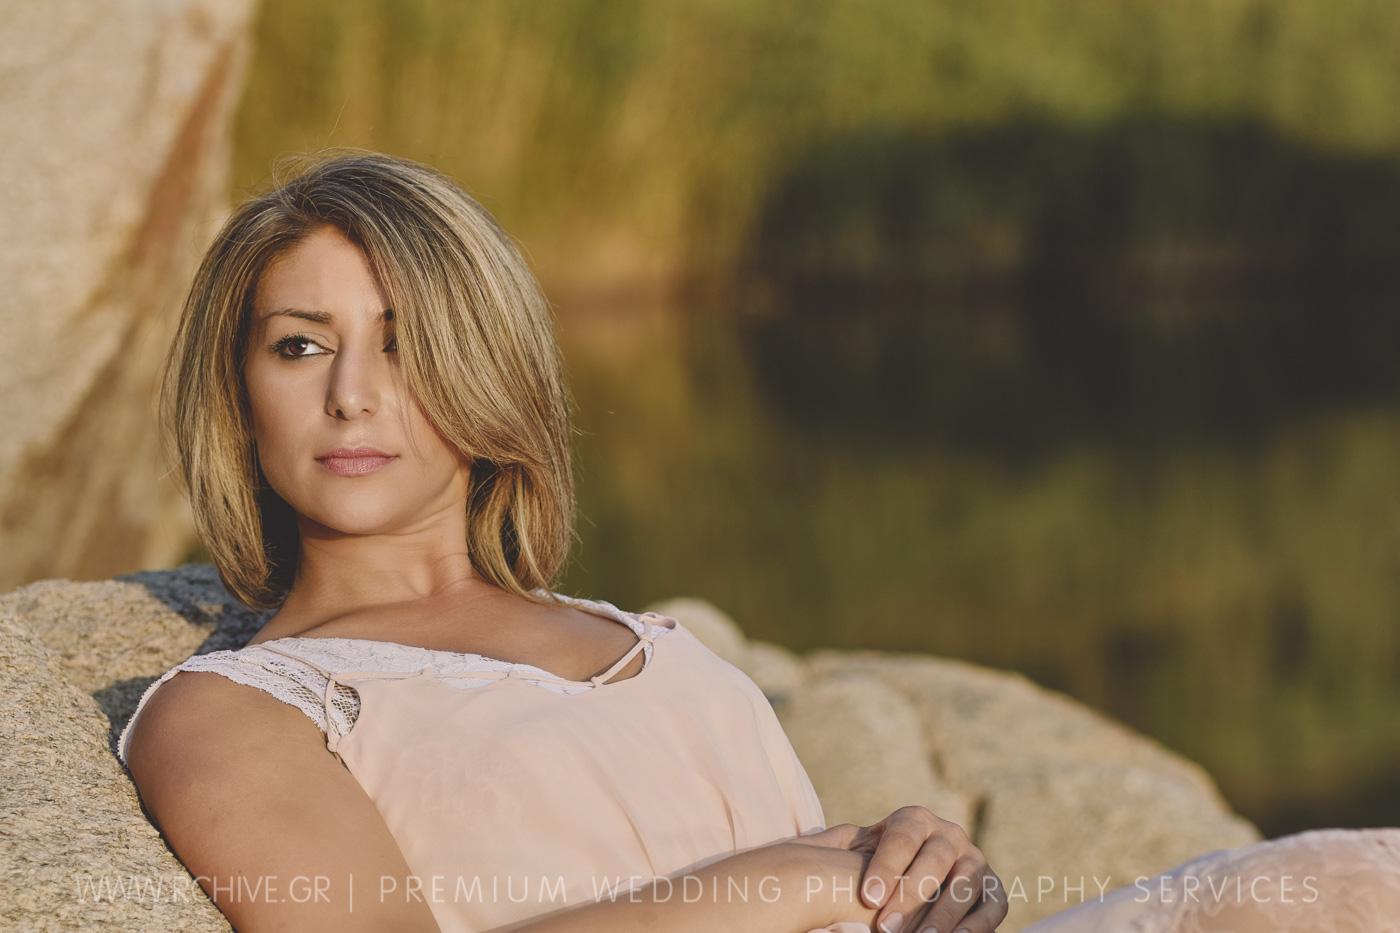 portrait session photographer greece